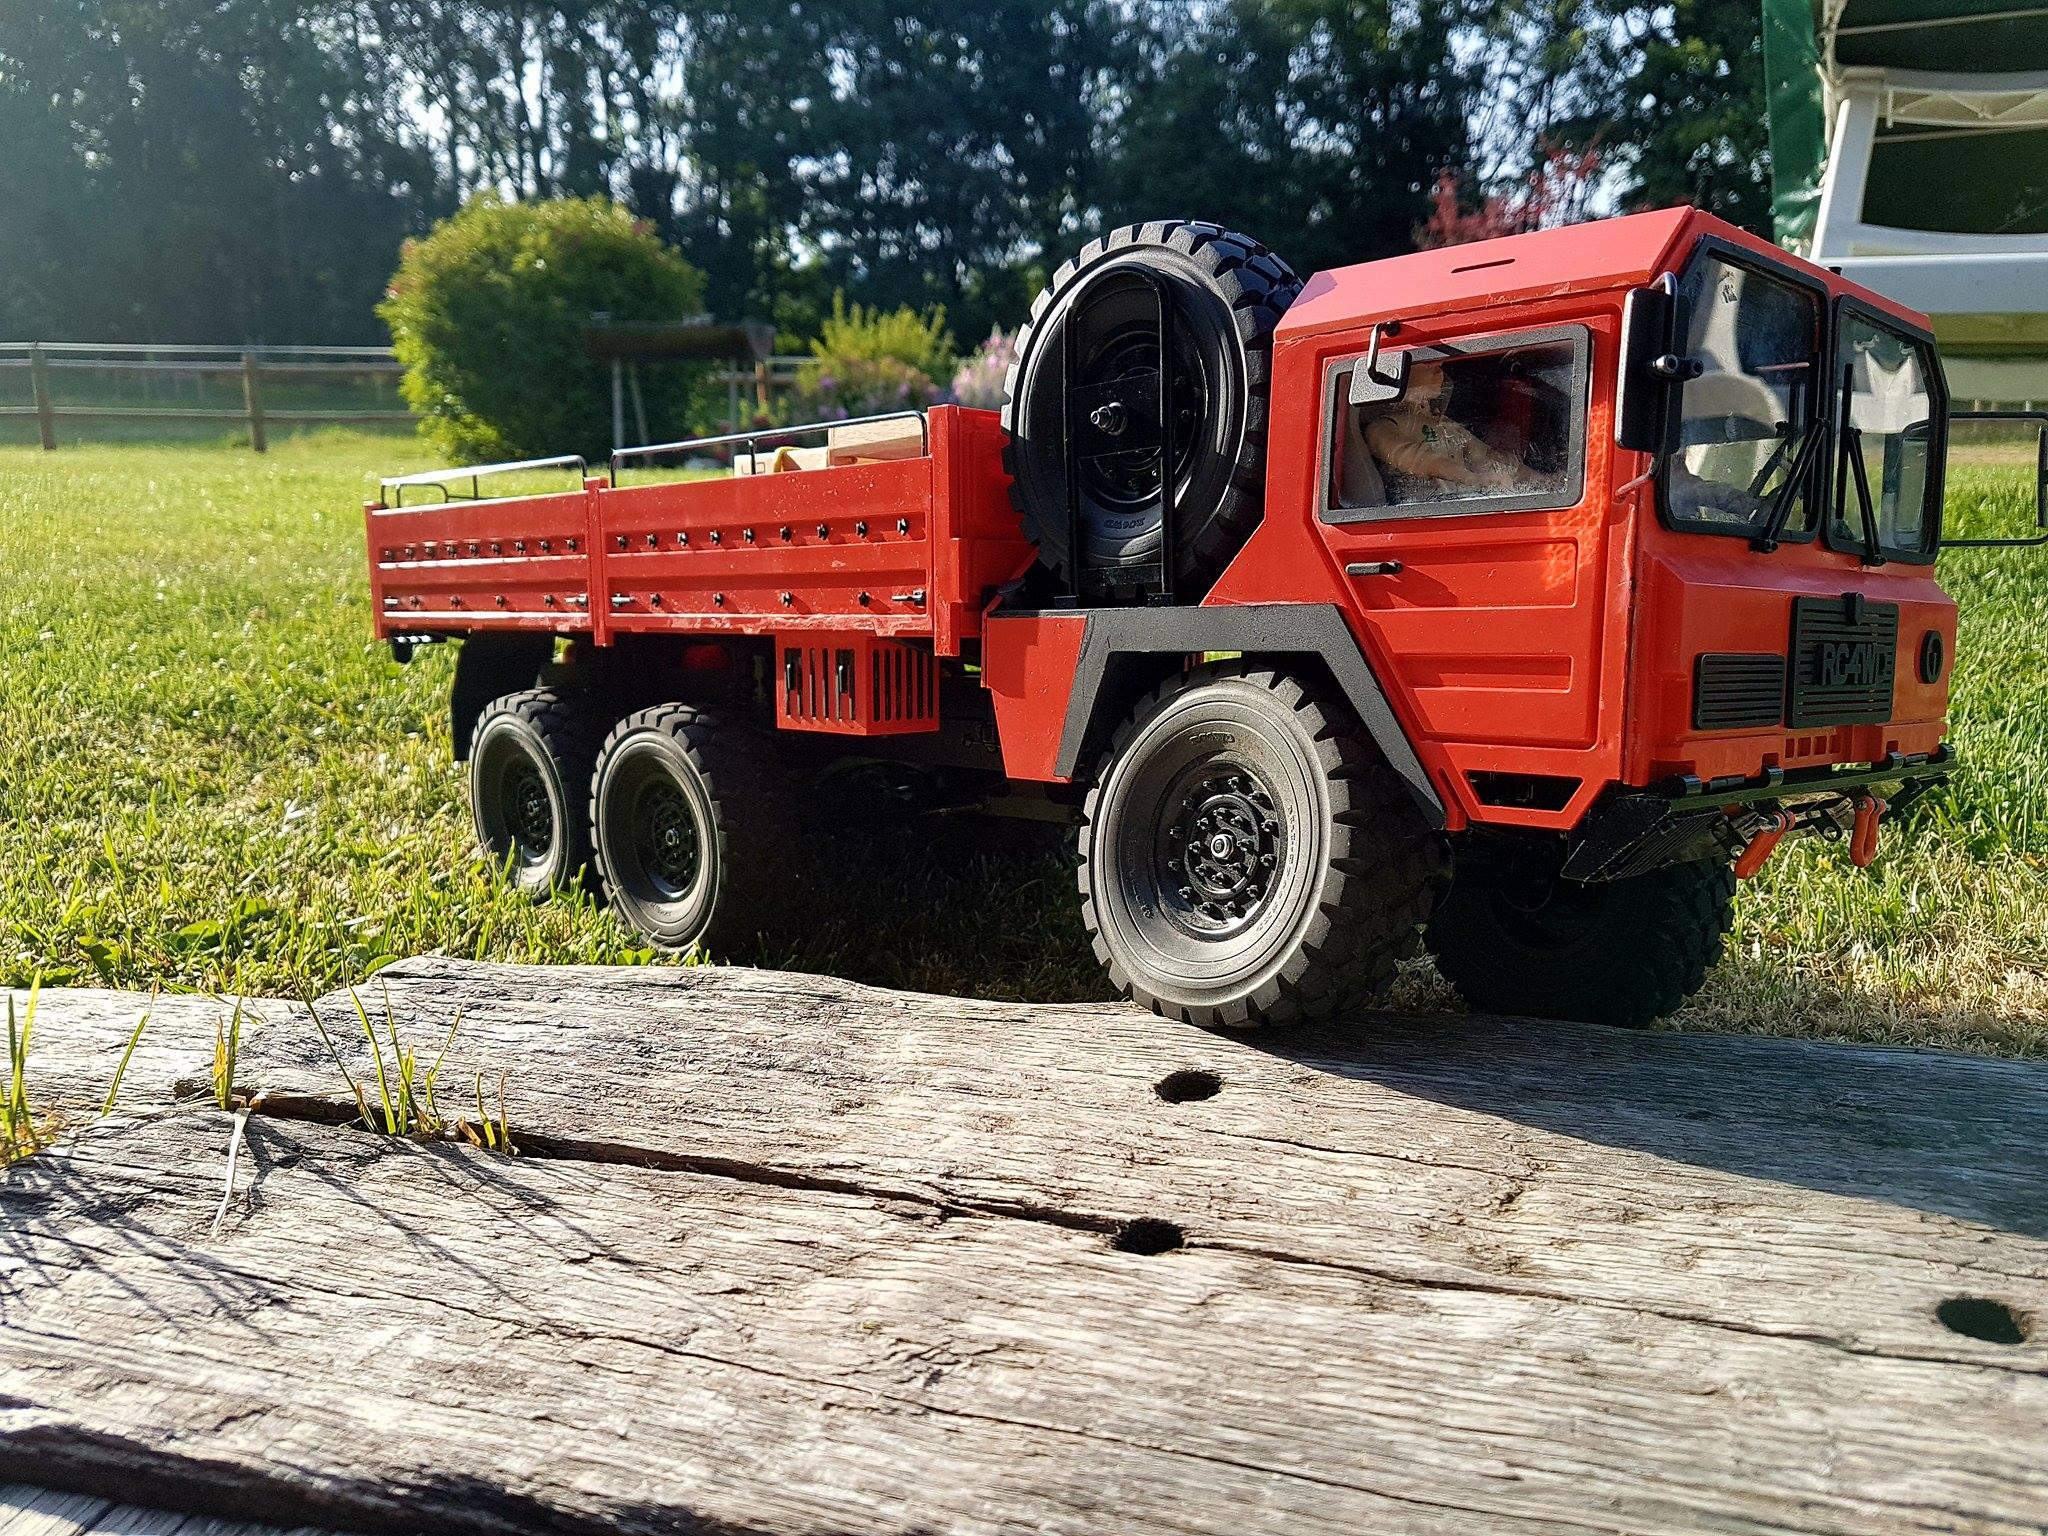 Beast II 6x6 Z-K0052 RC4WD : je me lance !  6532192022793113317080102810721852829448o